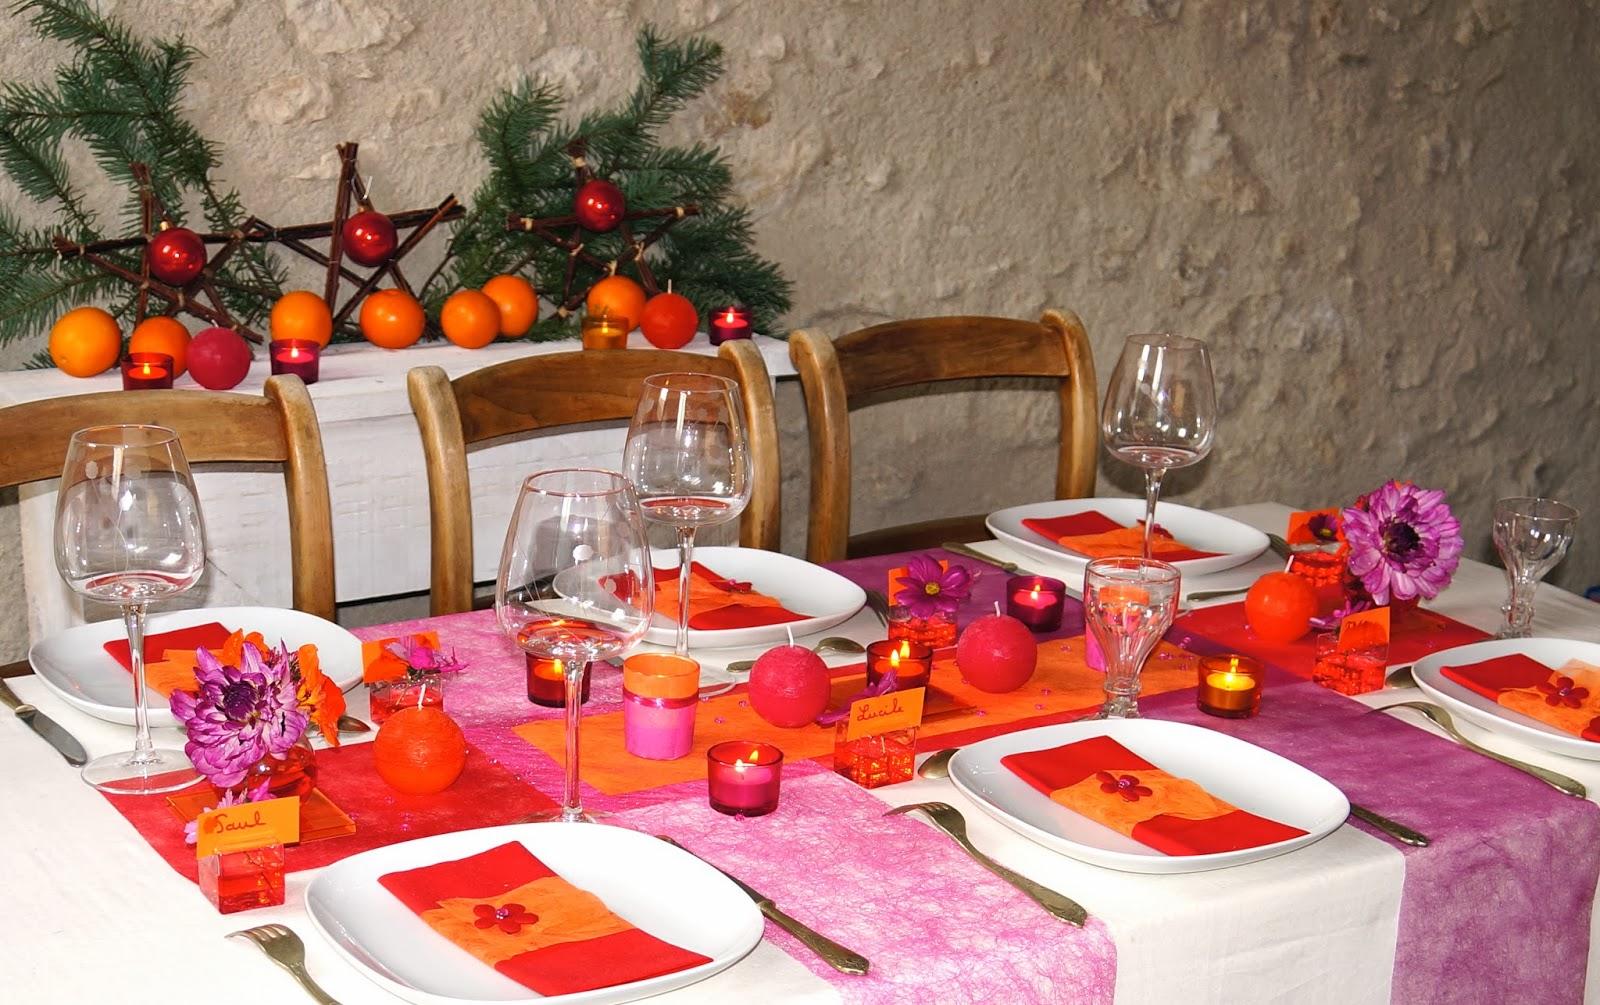 #BB5110 Ma Boutique Déco Table Décoration De Table: Décorations  5875 decoration de noel jardiland 2015 1600x1005 px @ aertt.com